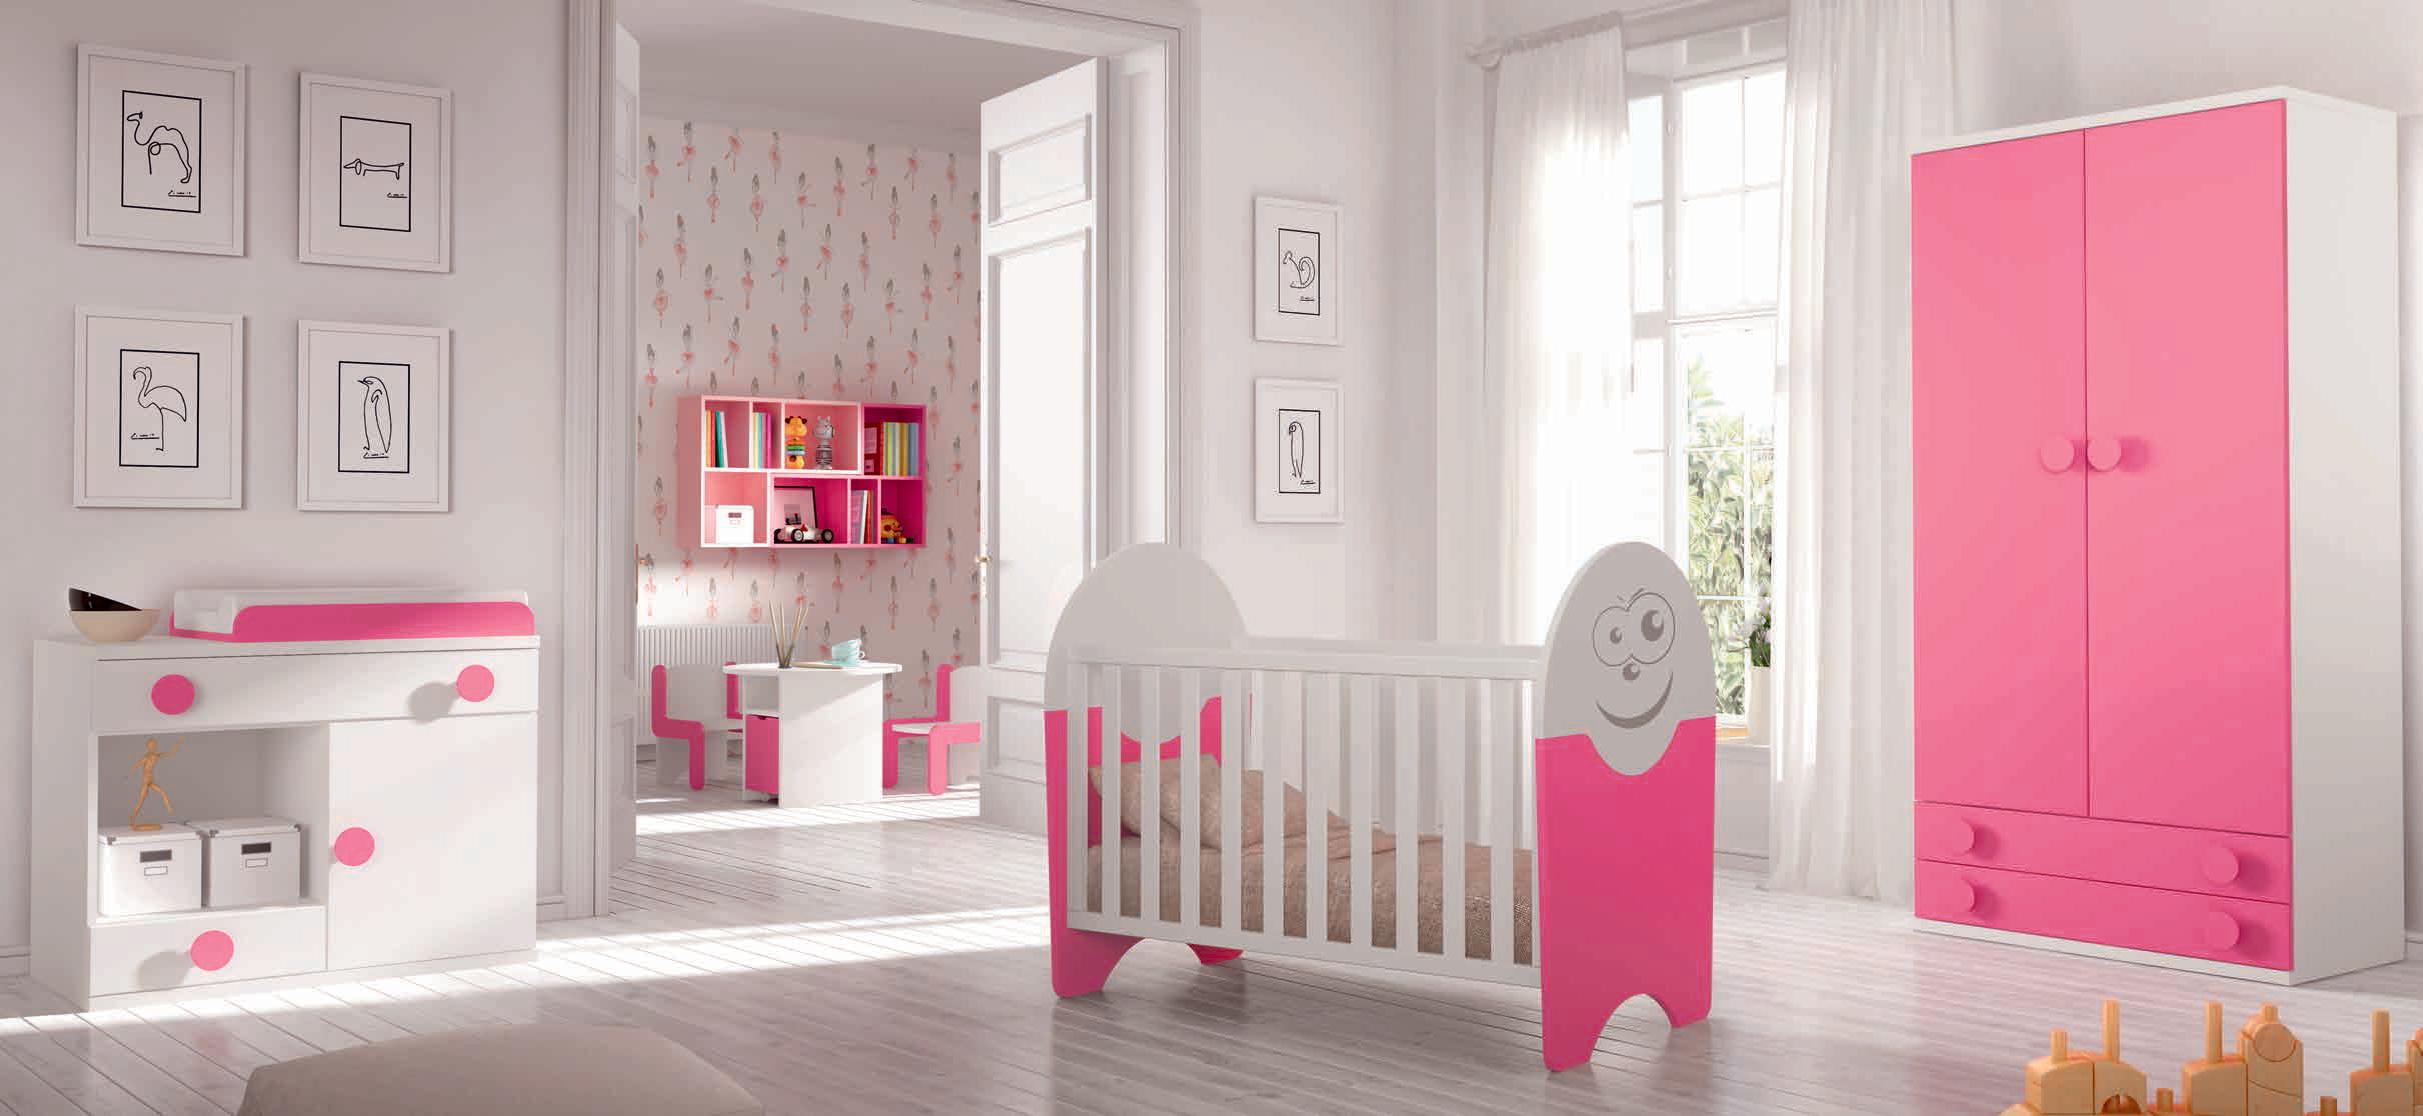 Chambre de princesse pour petite fille - Couleur pour chambre de fille ...